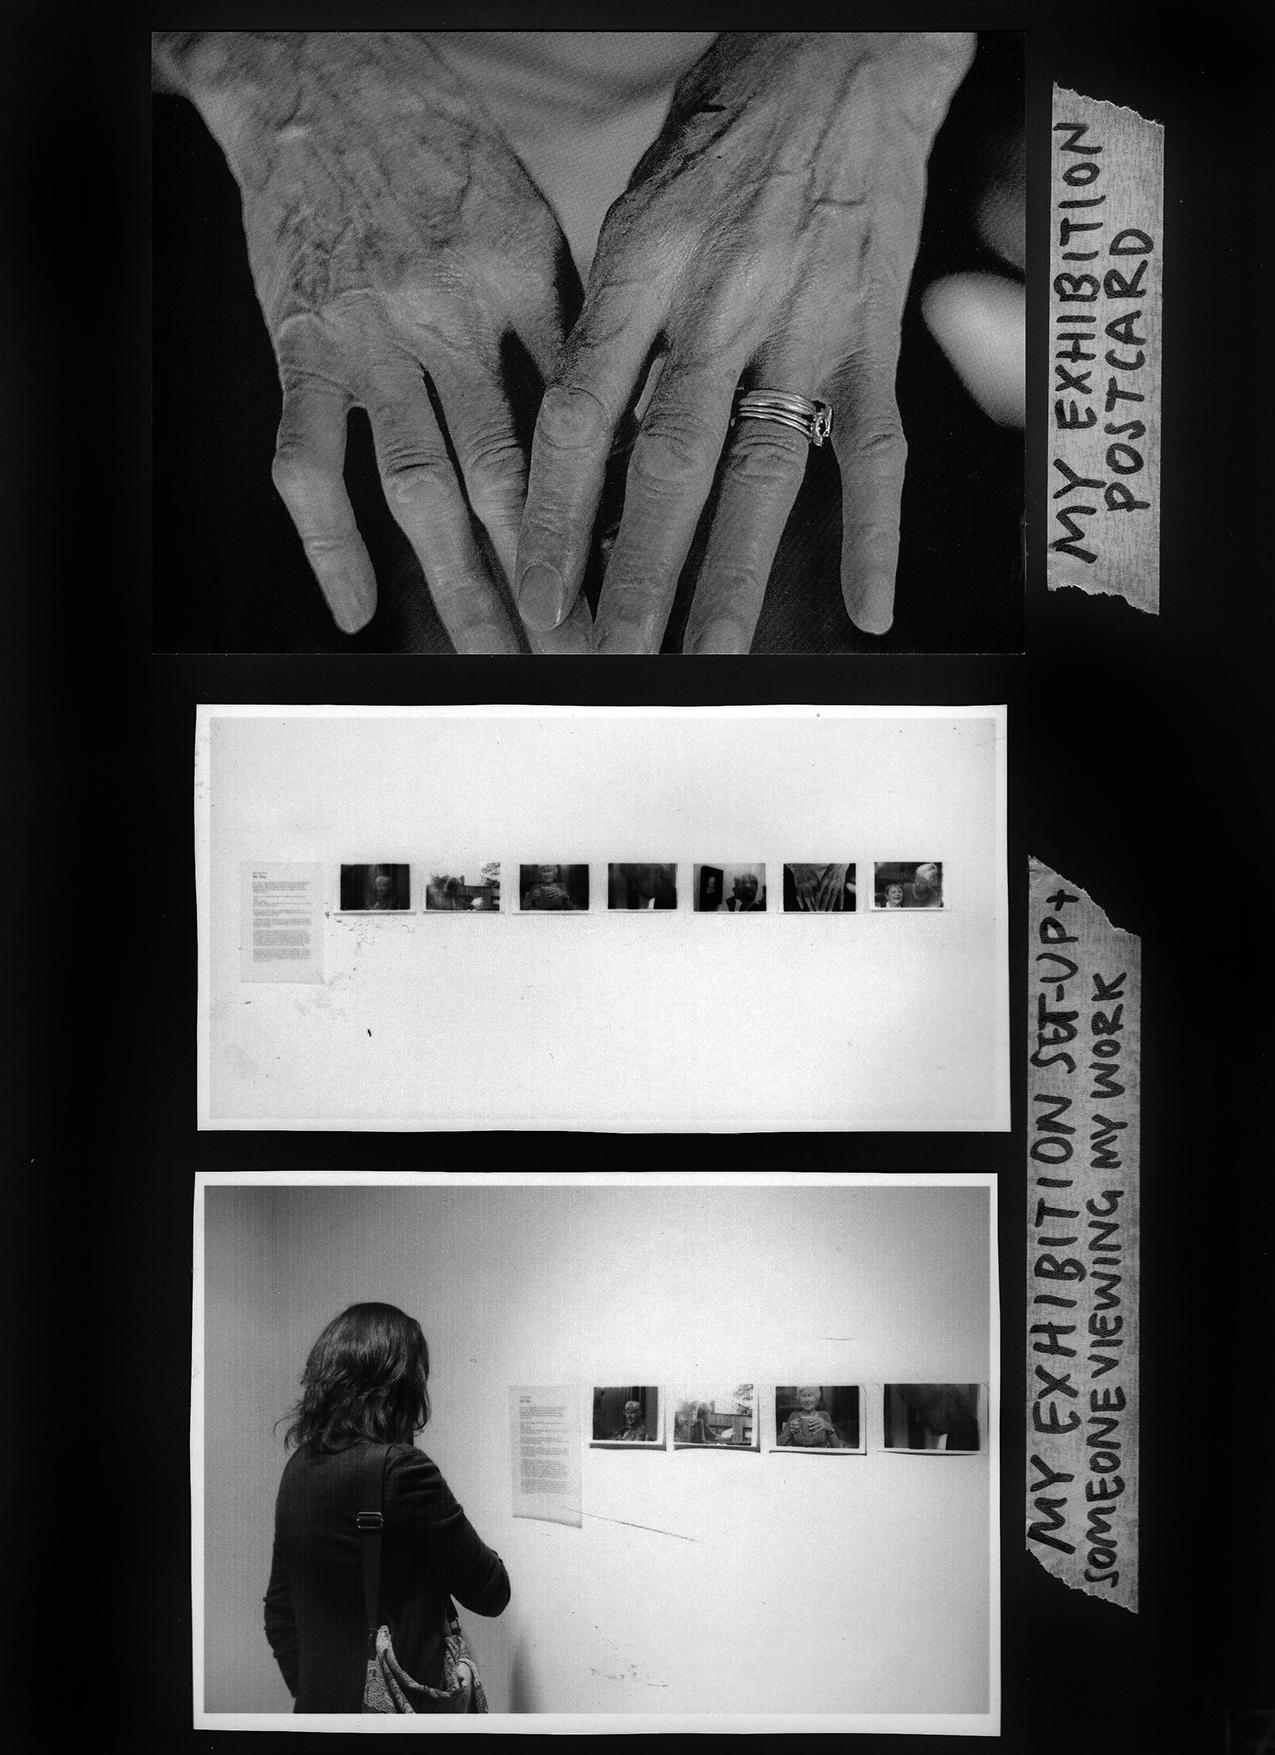 Eden Do Bower Silver Arts Awards_Step Into Photography_2013 (6) copy.jpg